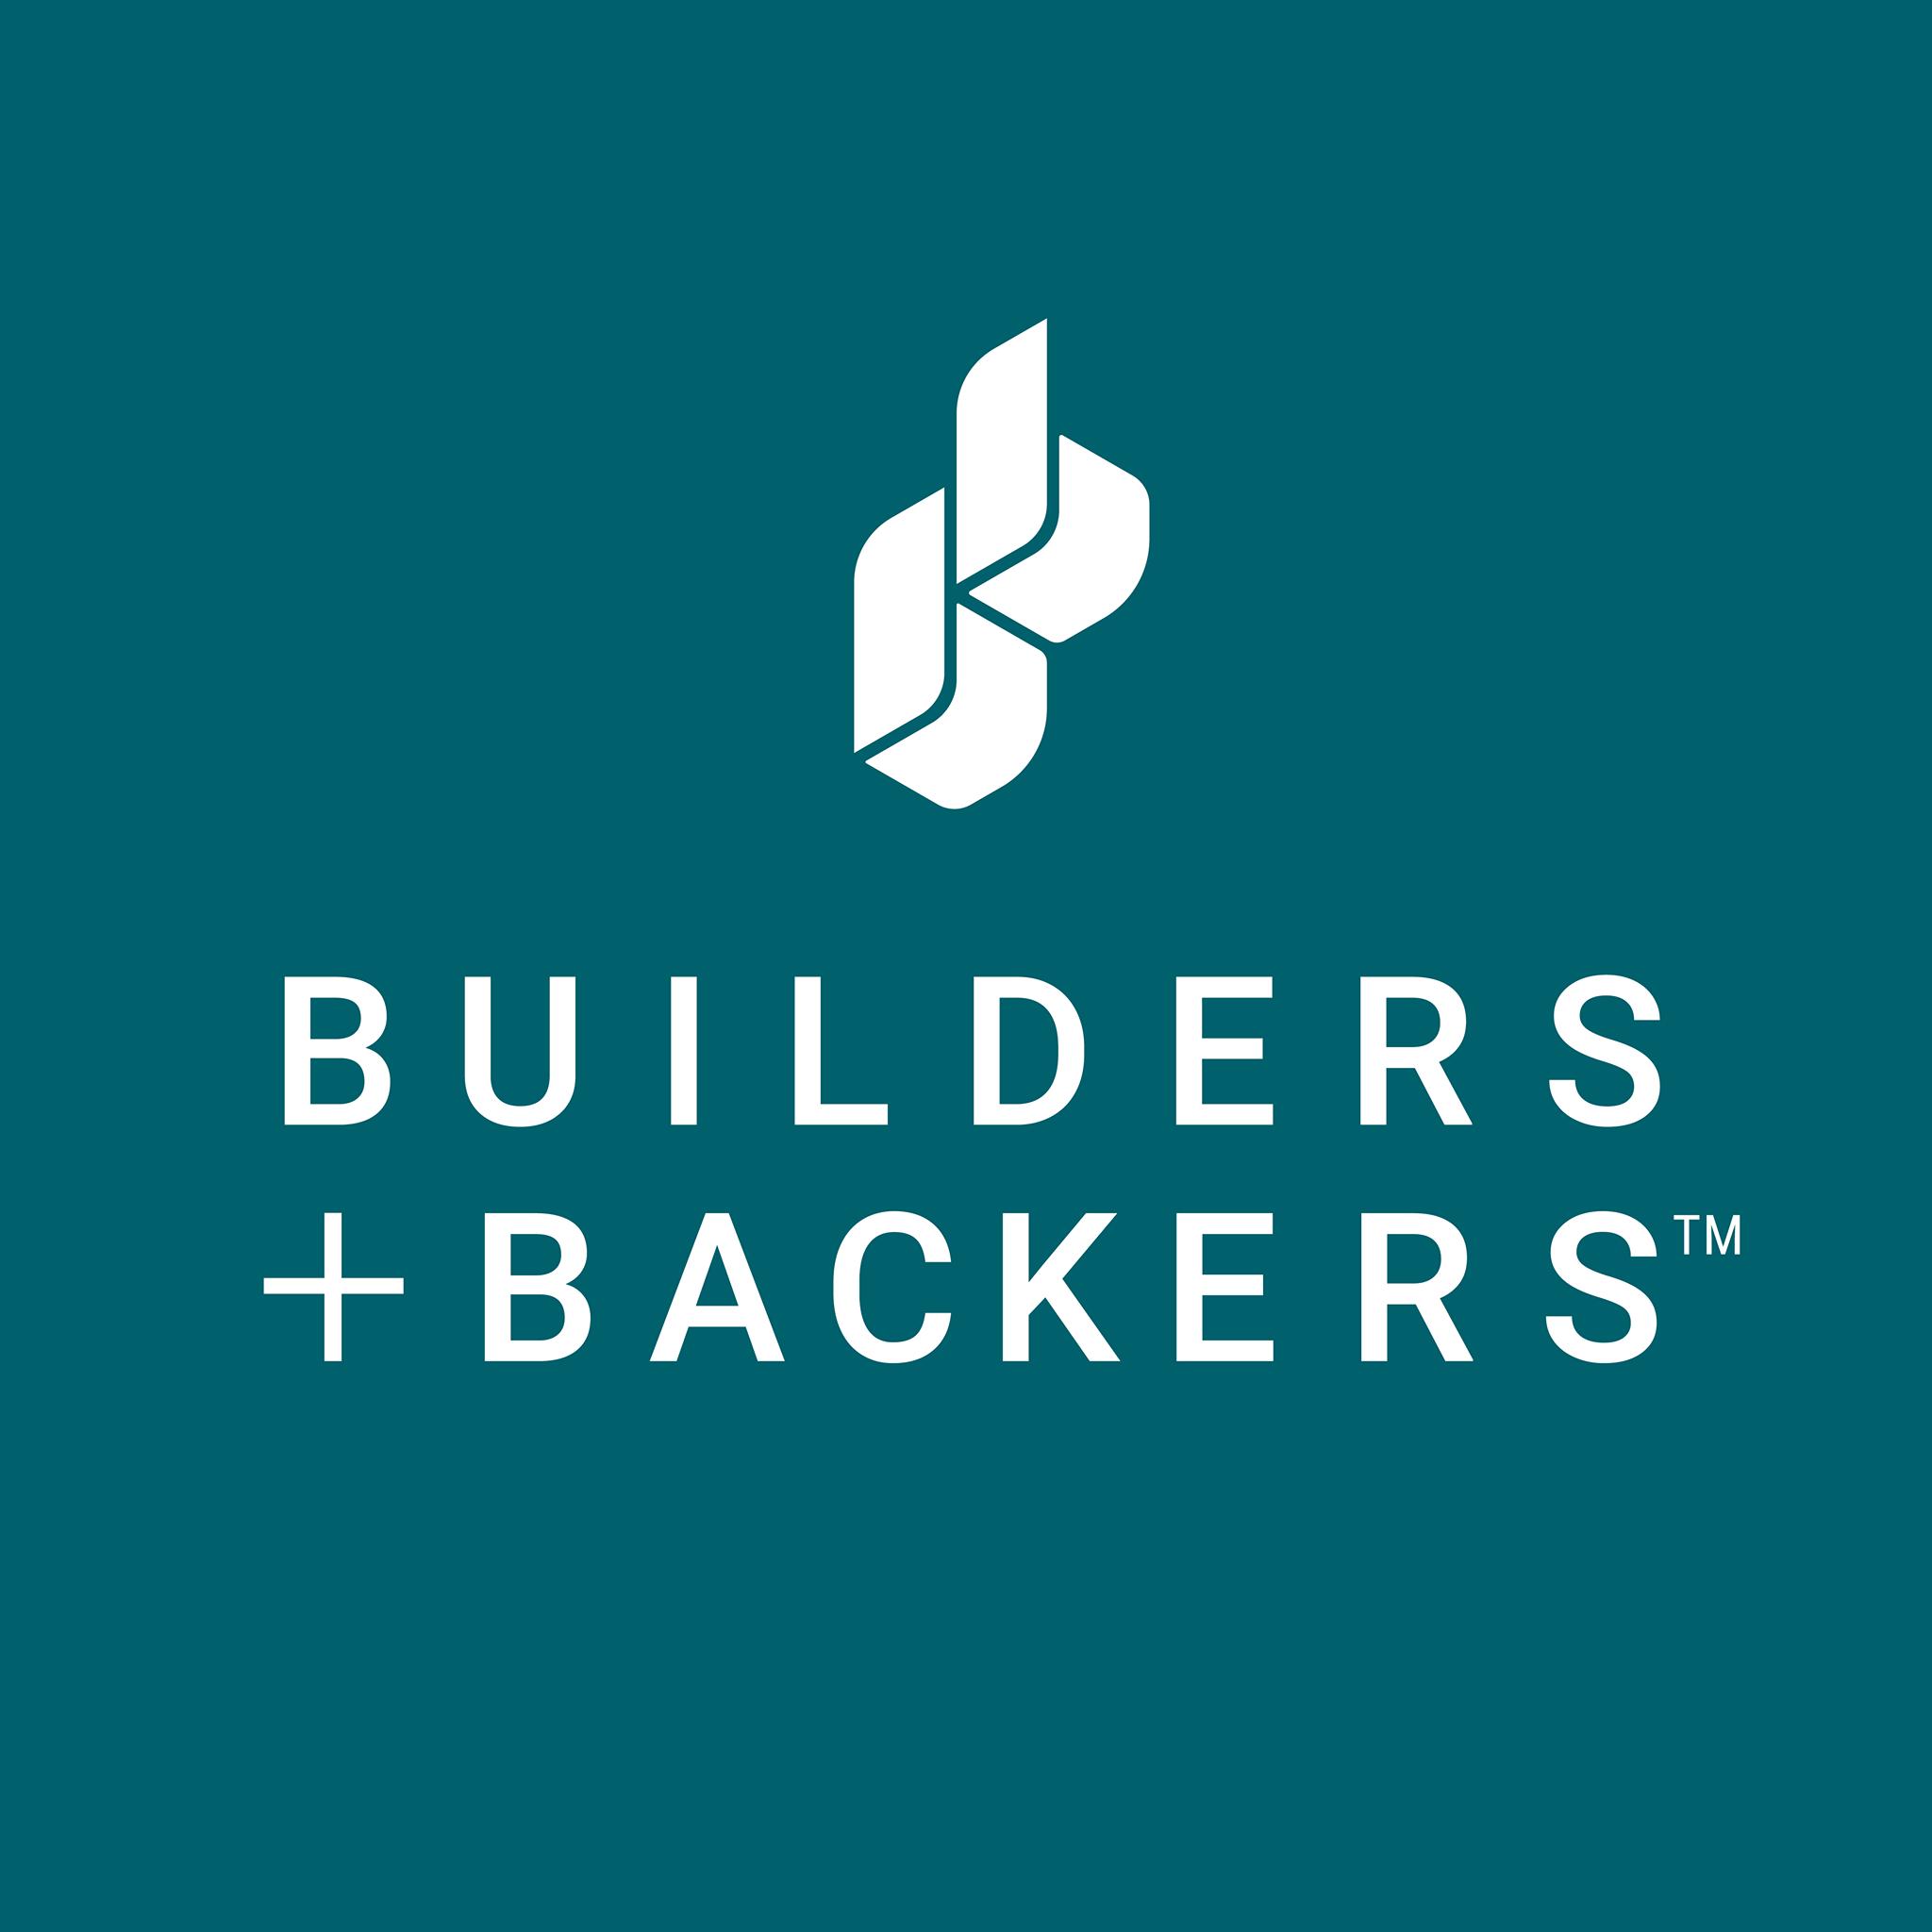 Builders + Backers